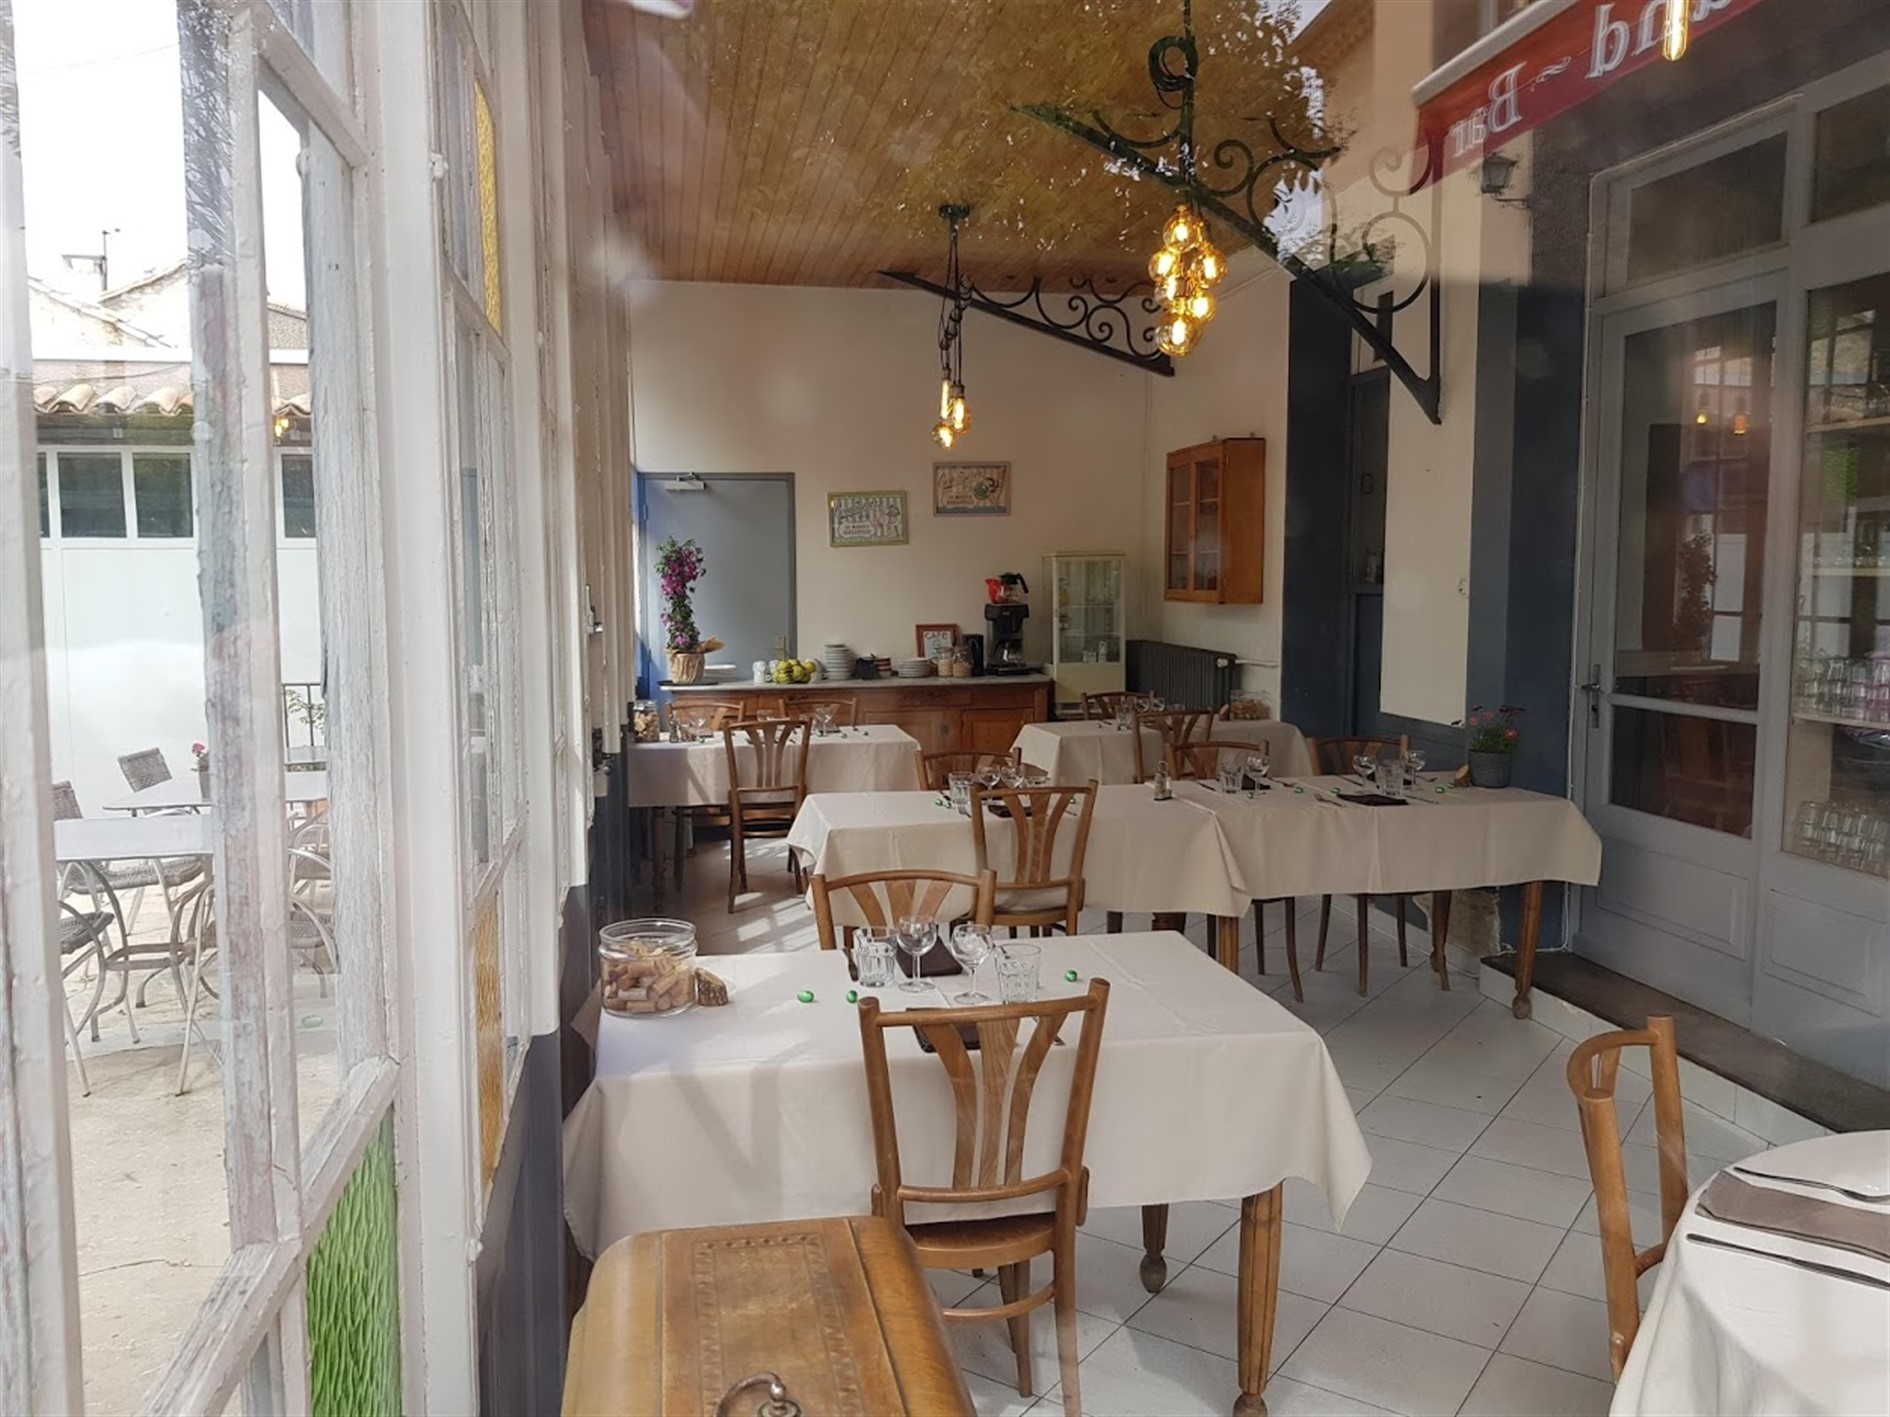 Hôtel pension restaurant le Guintrand au pied du mont Ventoux Bedoin Vaucluse